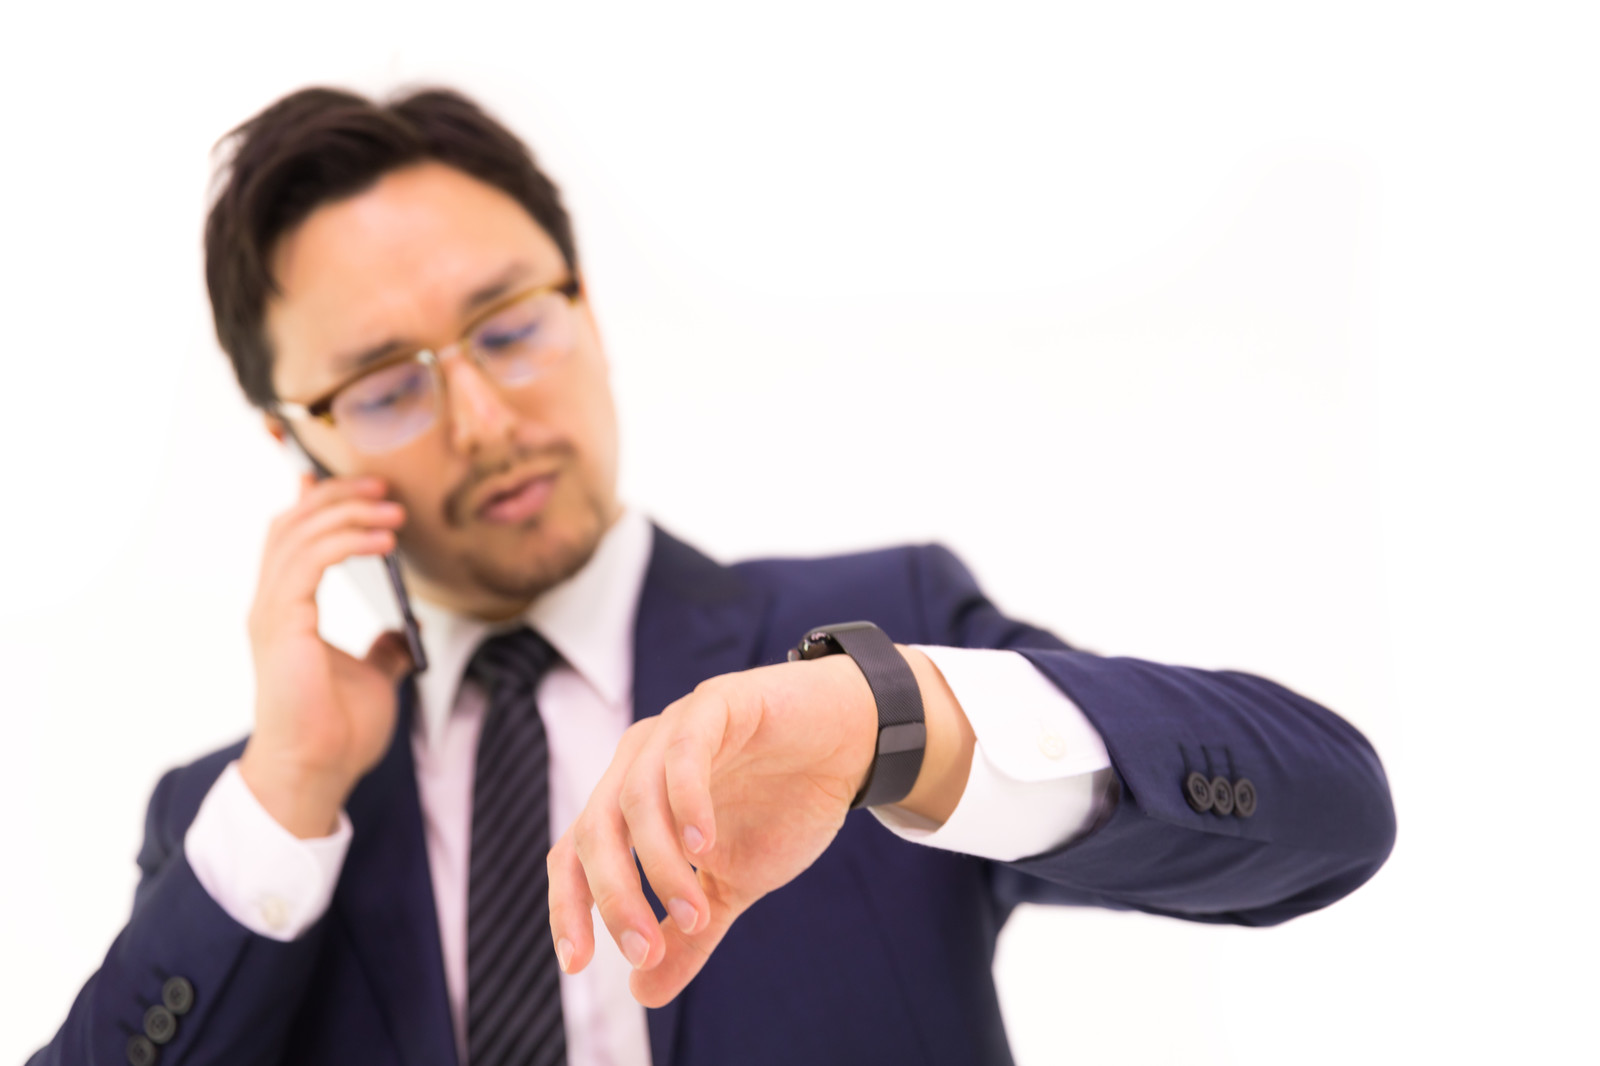 「スマートウォッチでメッセージを確認する外資系社員 | 写真の無料素材・フリー素材 - ぱくたそ」の写真[モデル:Max_Ezaki]